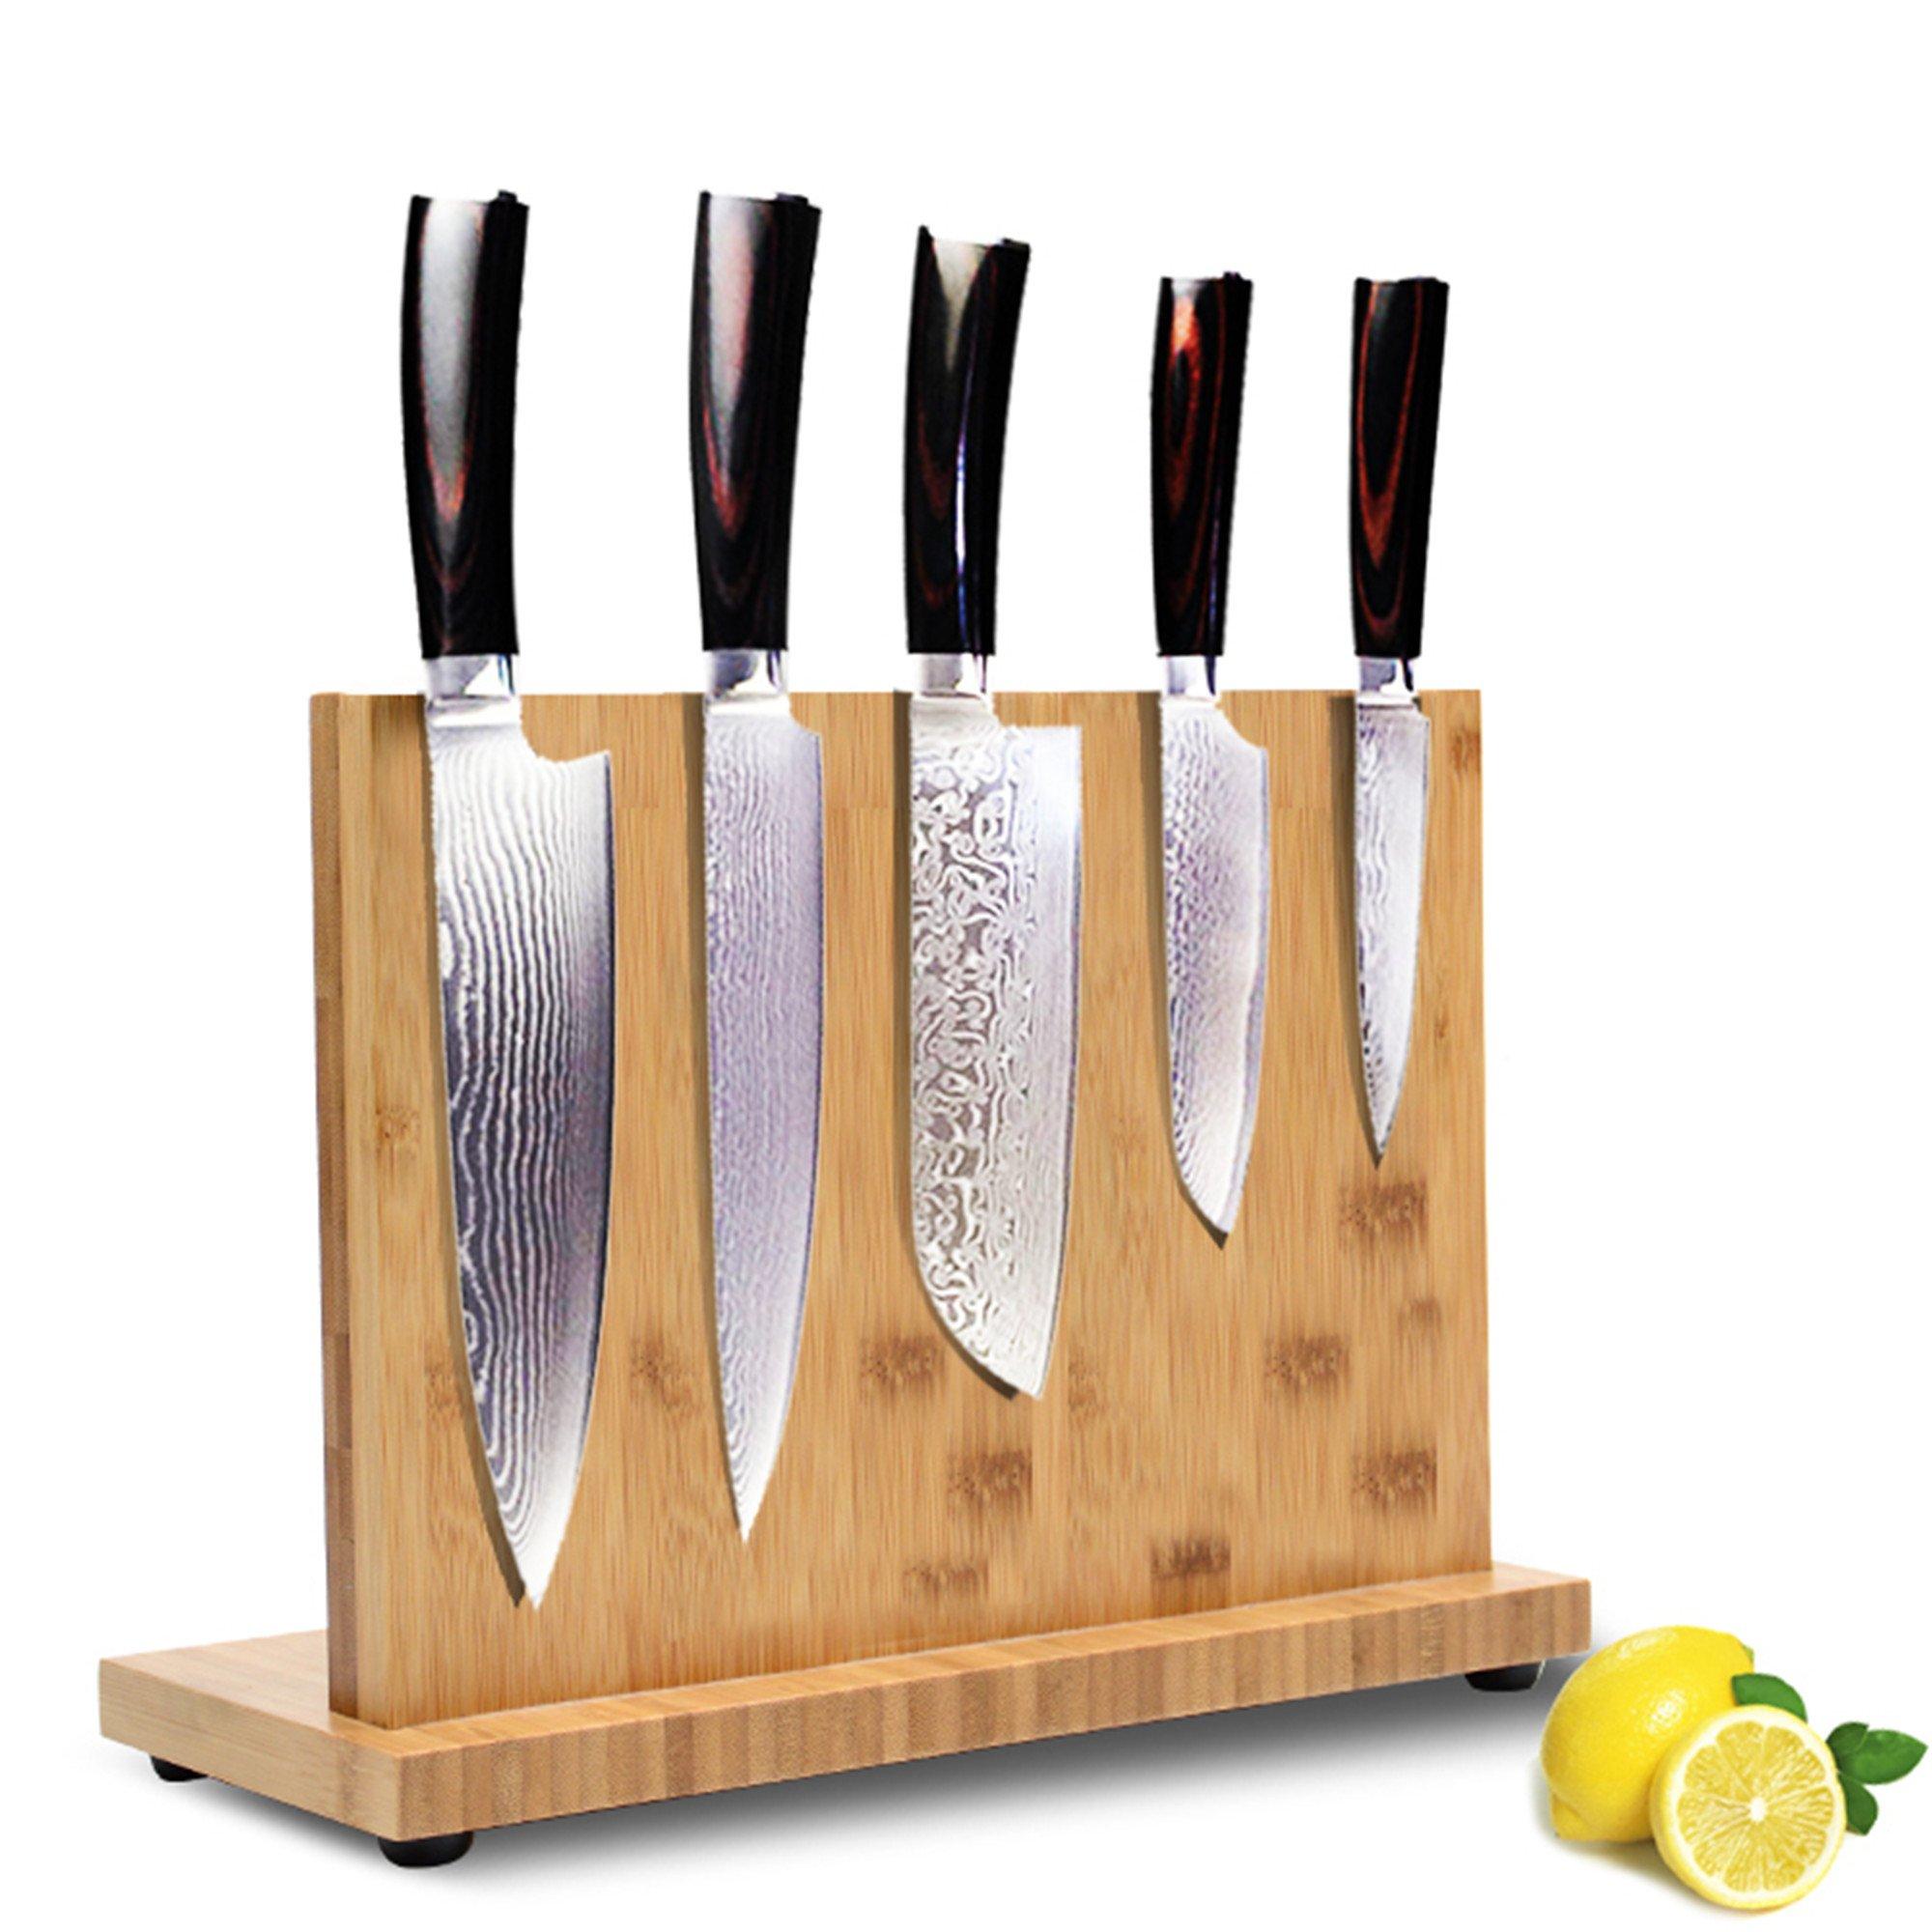 Bamboo Knife Blocks,Knife Block Rack Magnetic with Chopping Board Holder(Chopping Board Holder and knife Not inside) Double side Super Magnetic,Non-slip Design,11 inch (11 inche)